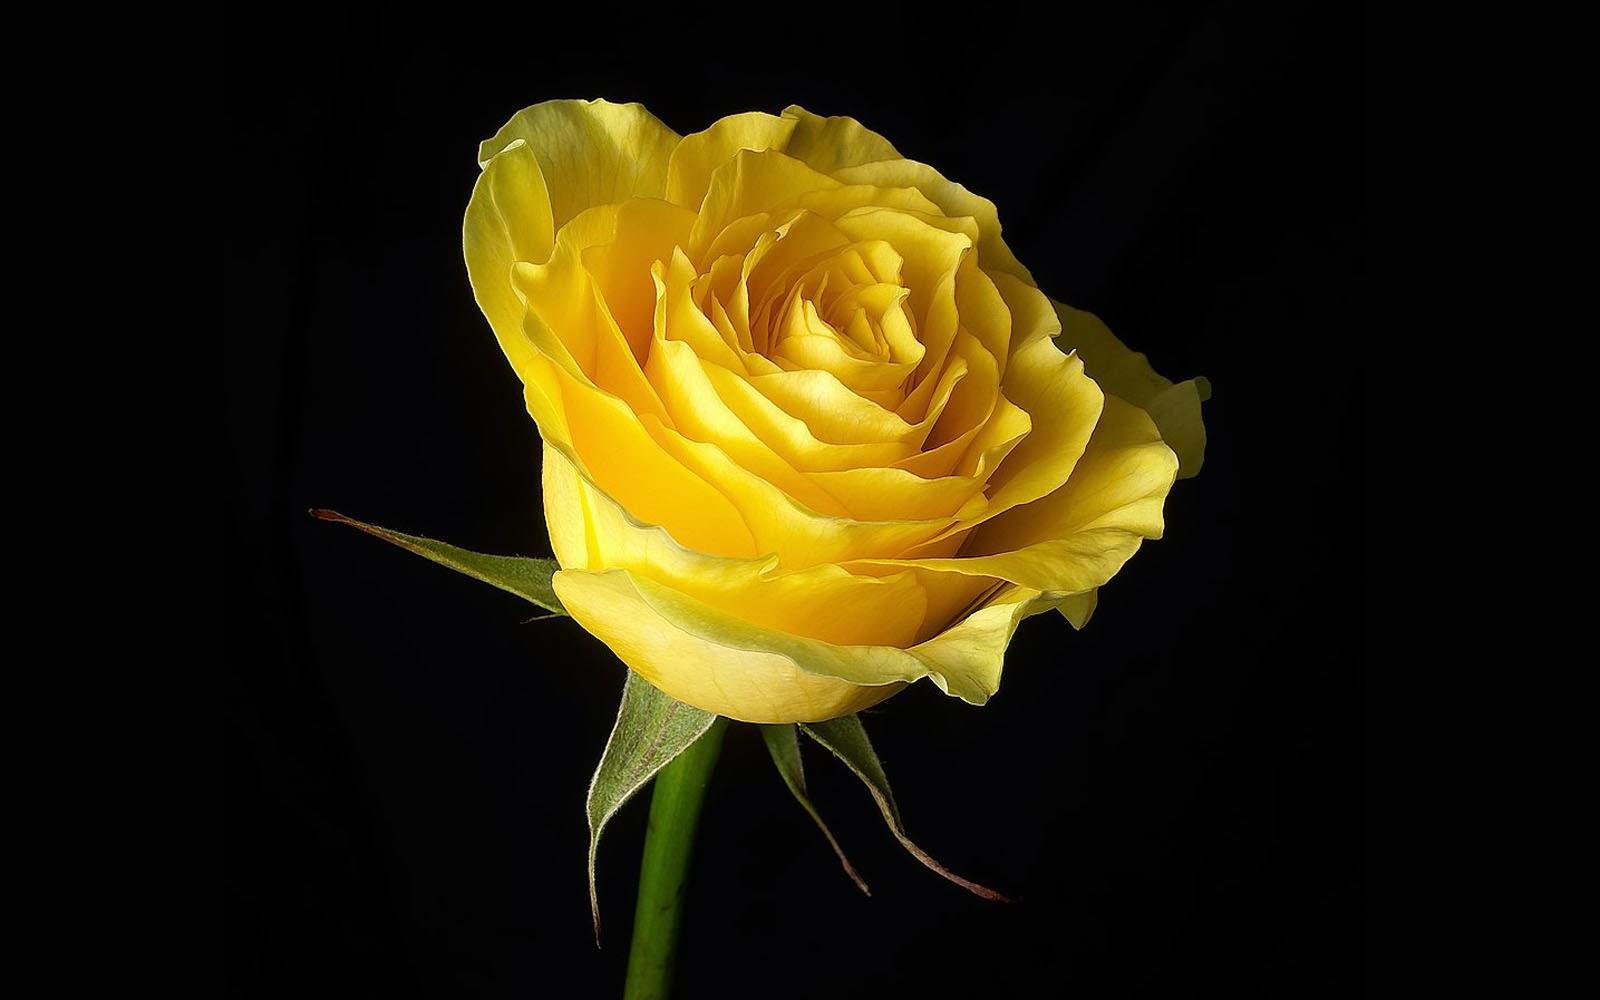 Yellow Rose Wallpapers Top Wallpaper Desktop